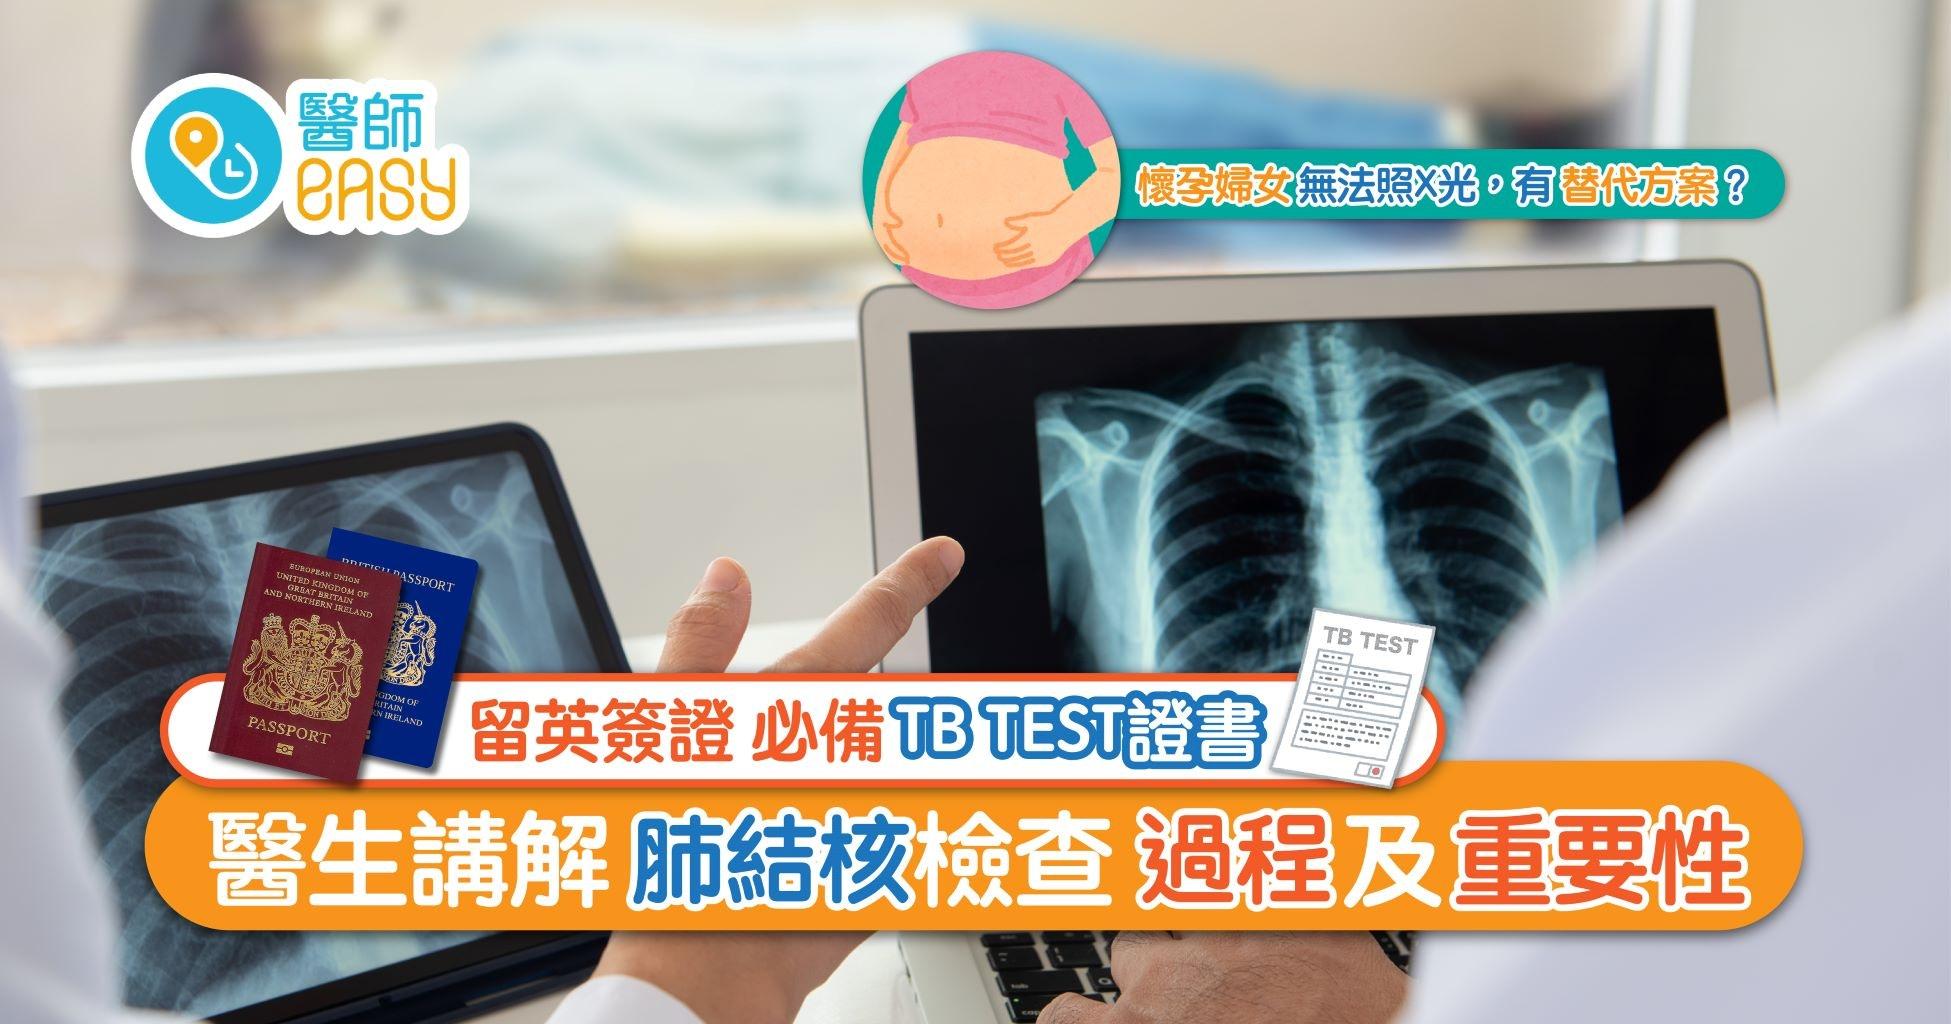 【移民英國】醫療篇(五) — 肺結核檢查 (TB Test) 簡易指南